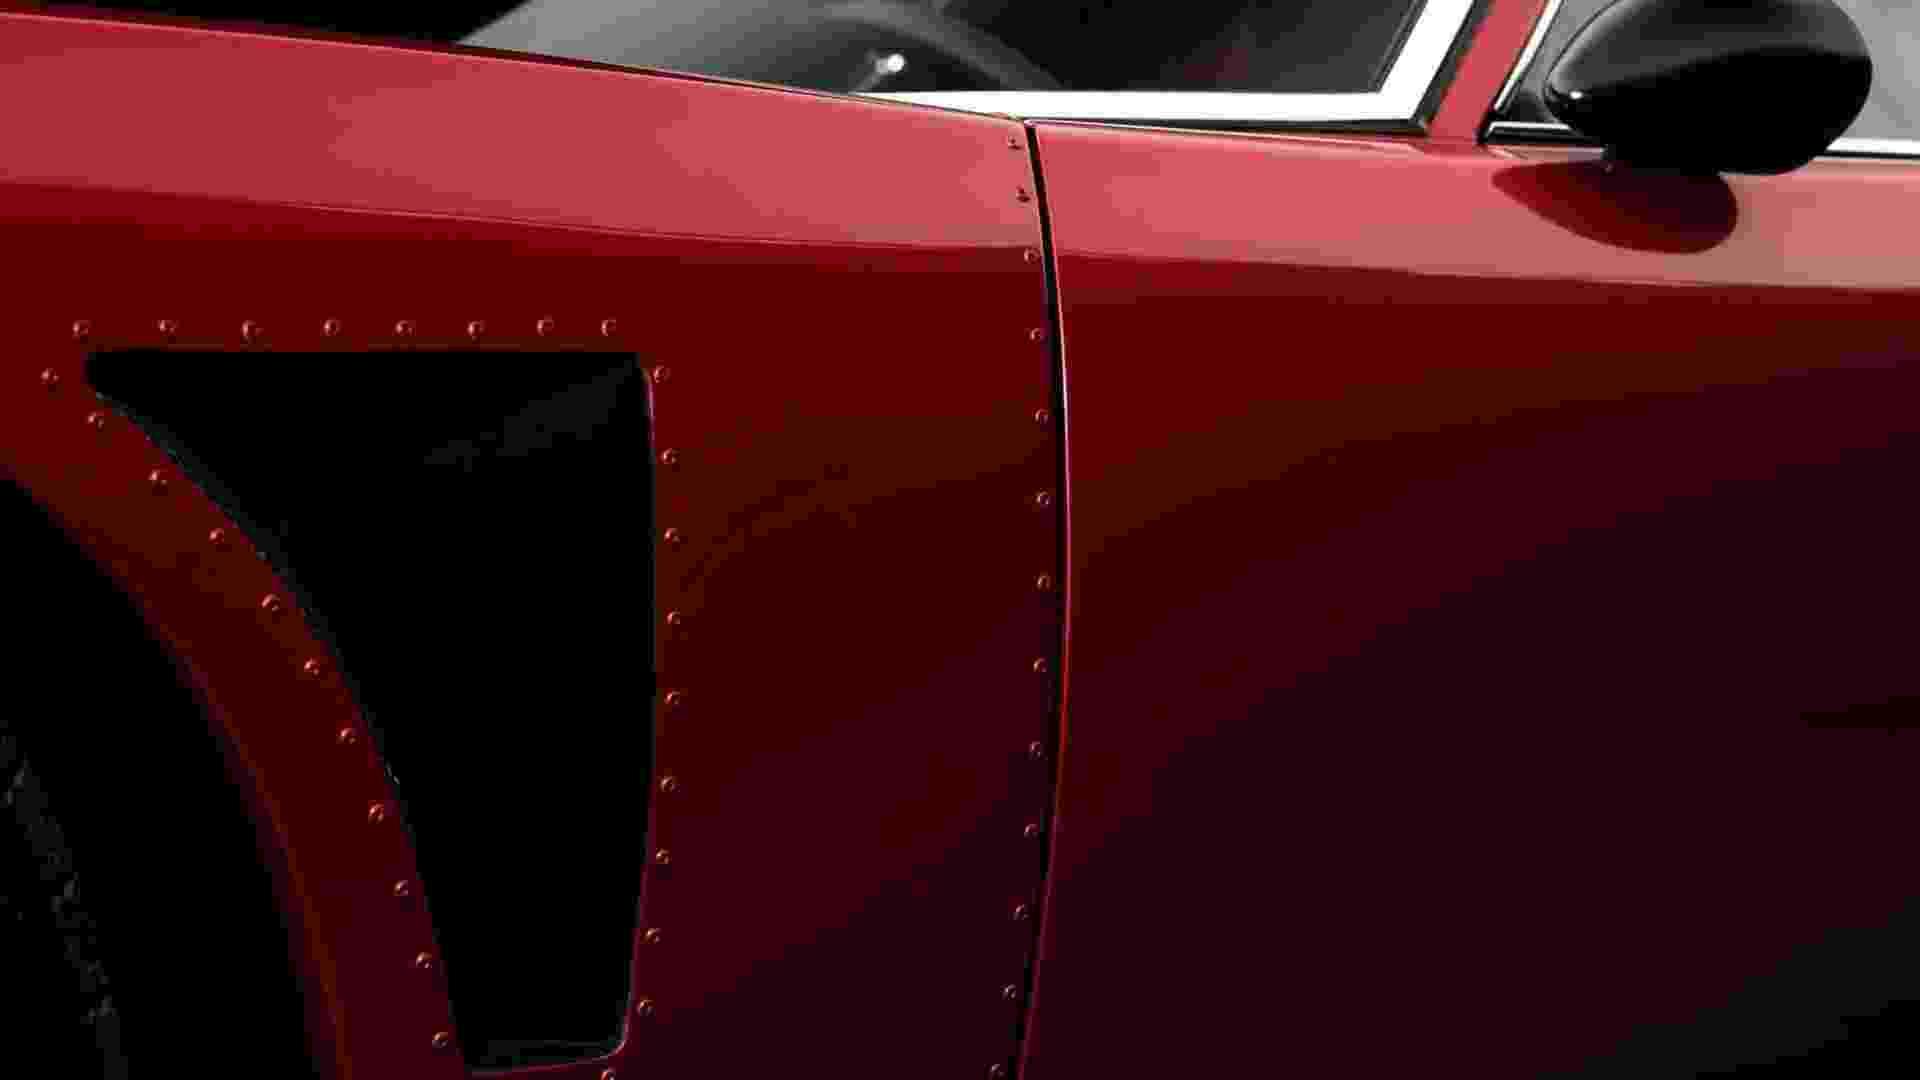 Lamborghini_Miura_SVJ_sale-0008